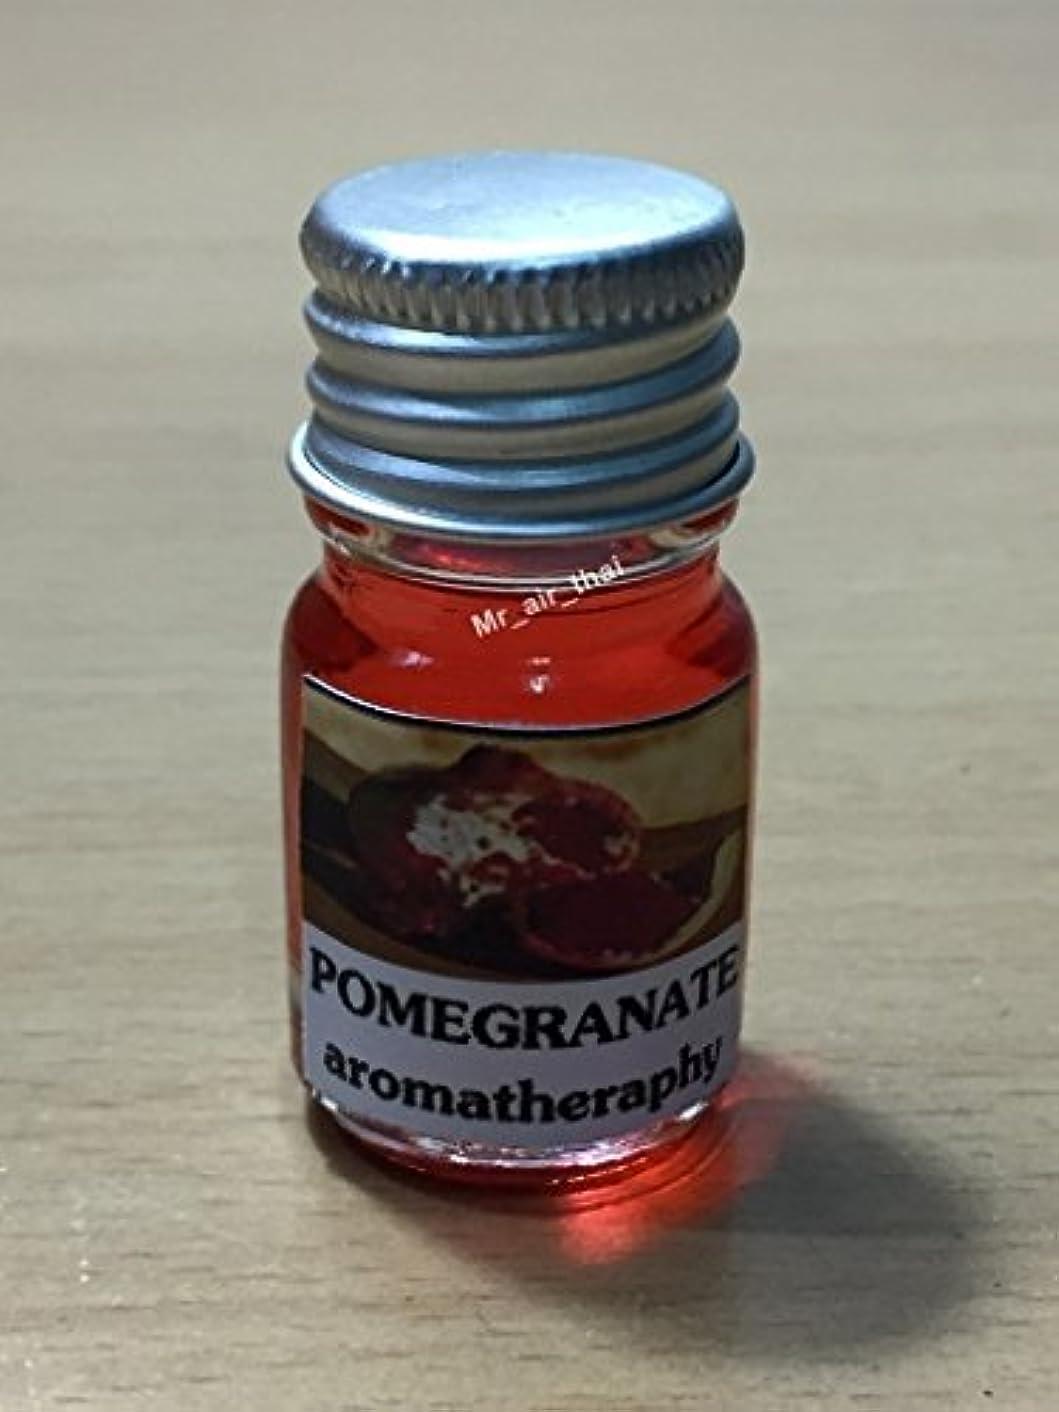 引退する建てる活性化5ミリリットルアロマザクロフランクインセンスエッセンシャルオイルボトルアロマテラピーオイル自然自然5ml Aroma Pomegranate Frankincense Essential Oil Bottles Aromatherapy...